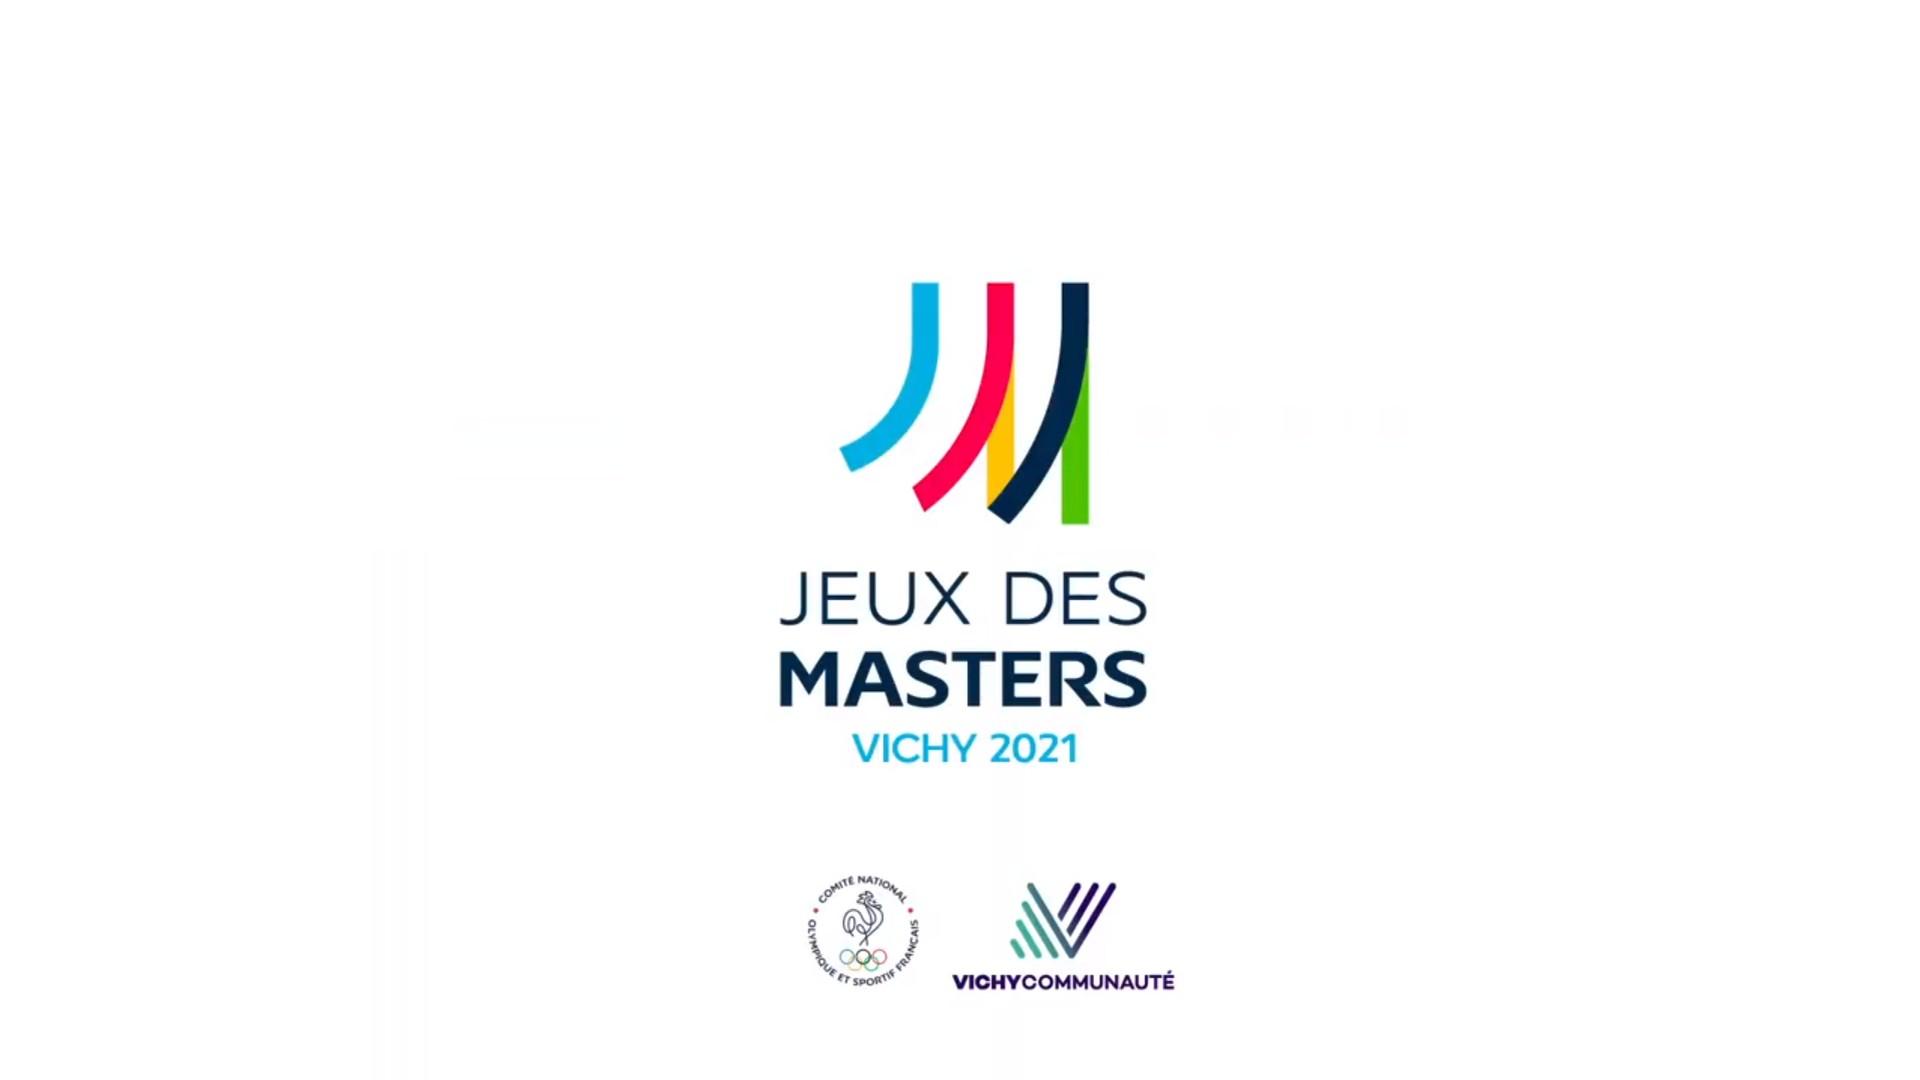 Jeux des Masters (1) Vichy 2021